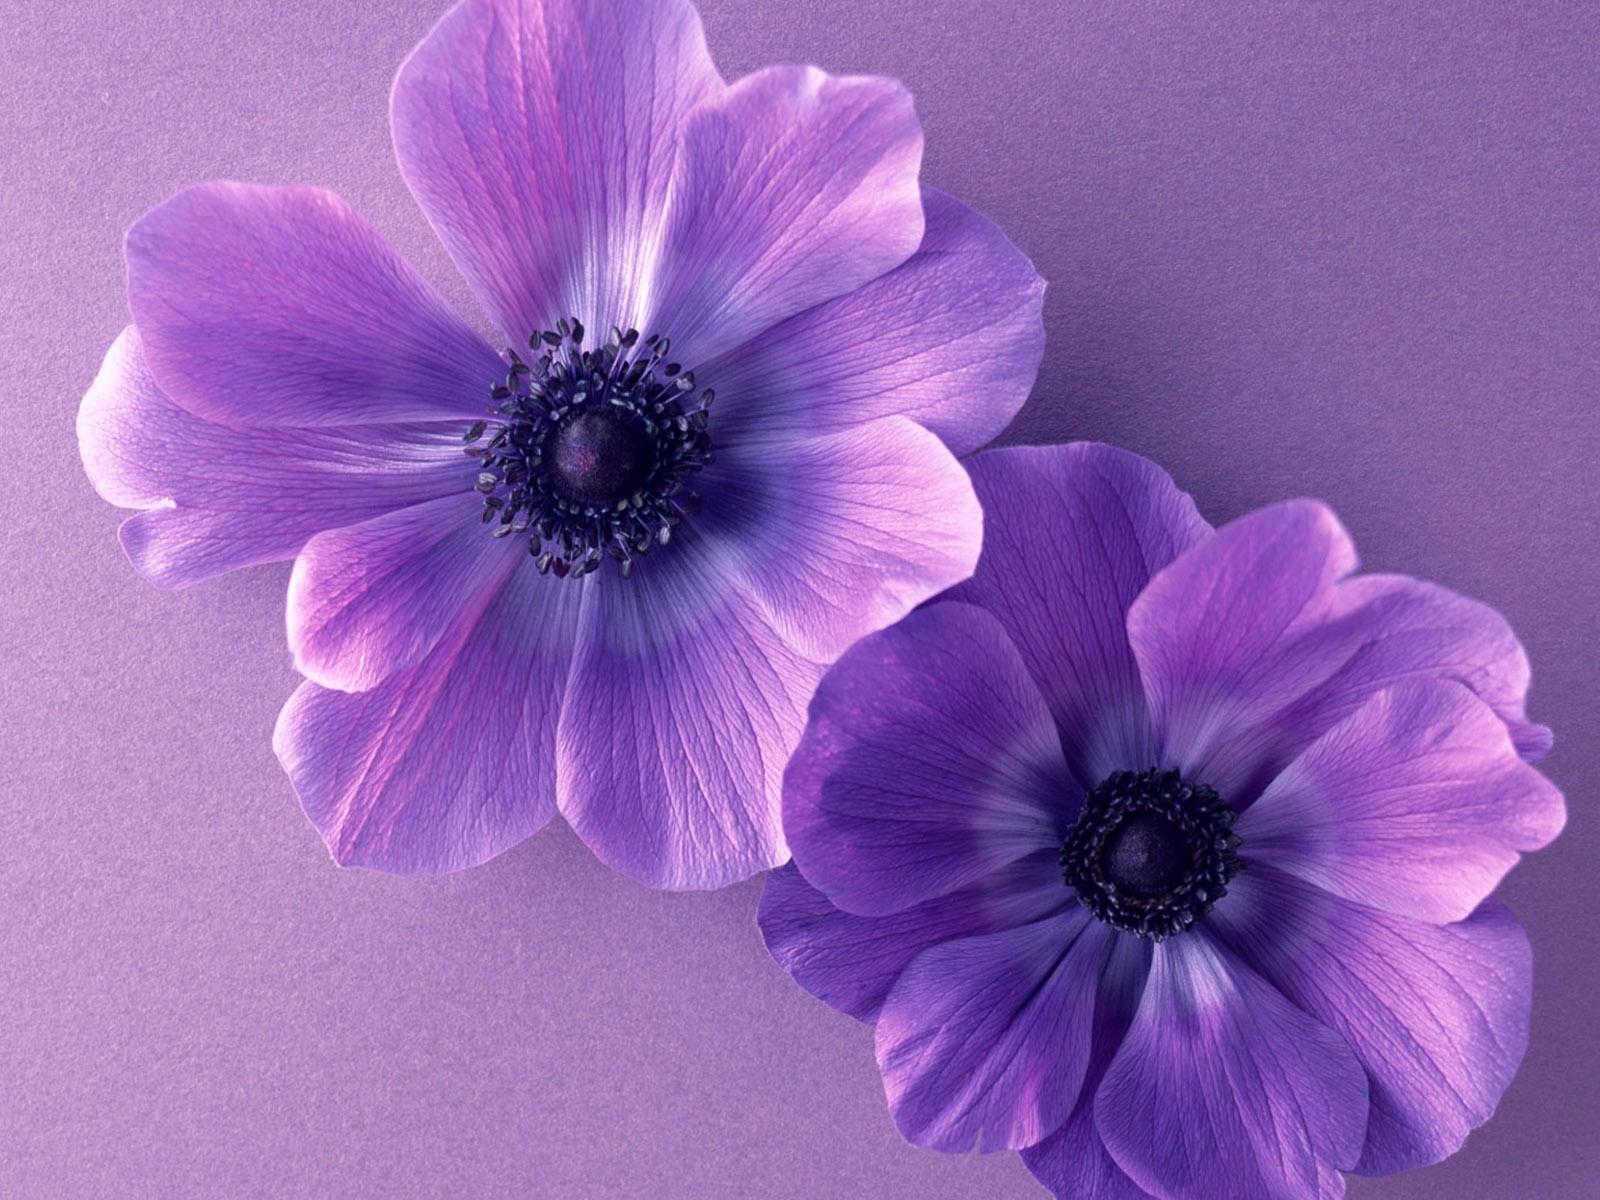 12527 скачать Фиолетовые обои на телефон бесплатно, Растения, Цветы Фиолетовые картинки и заставки на мобильный